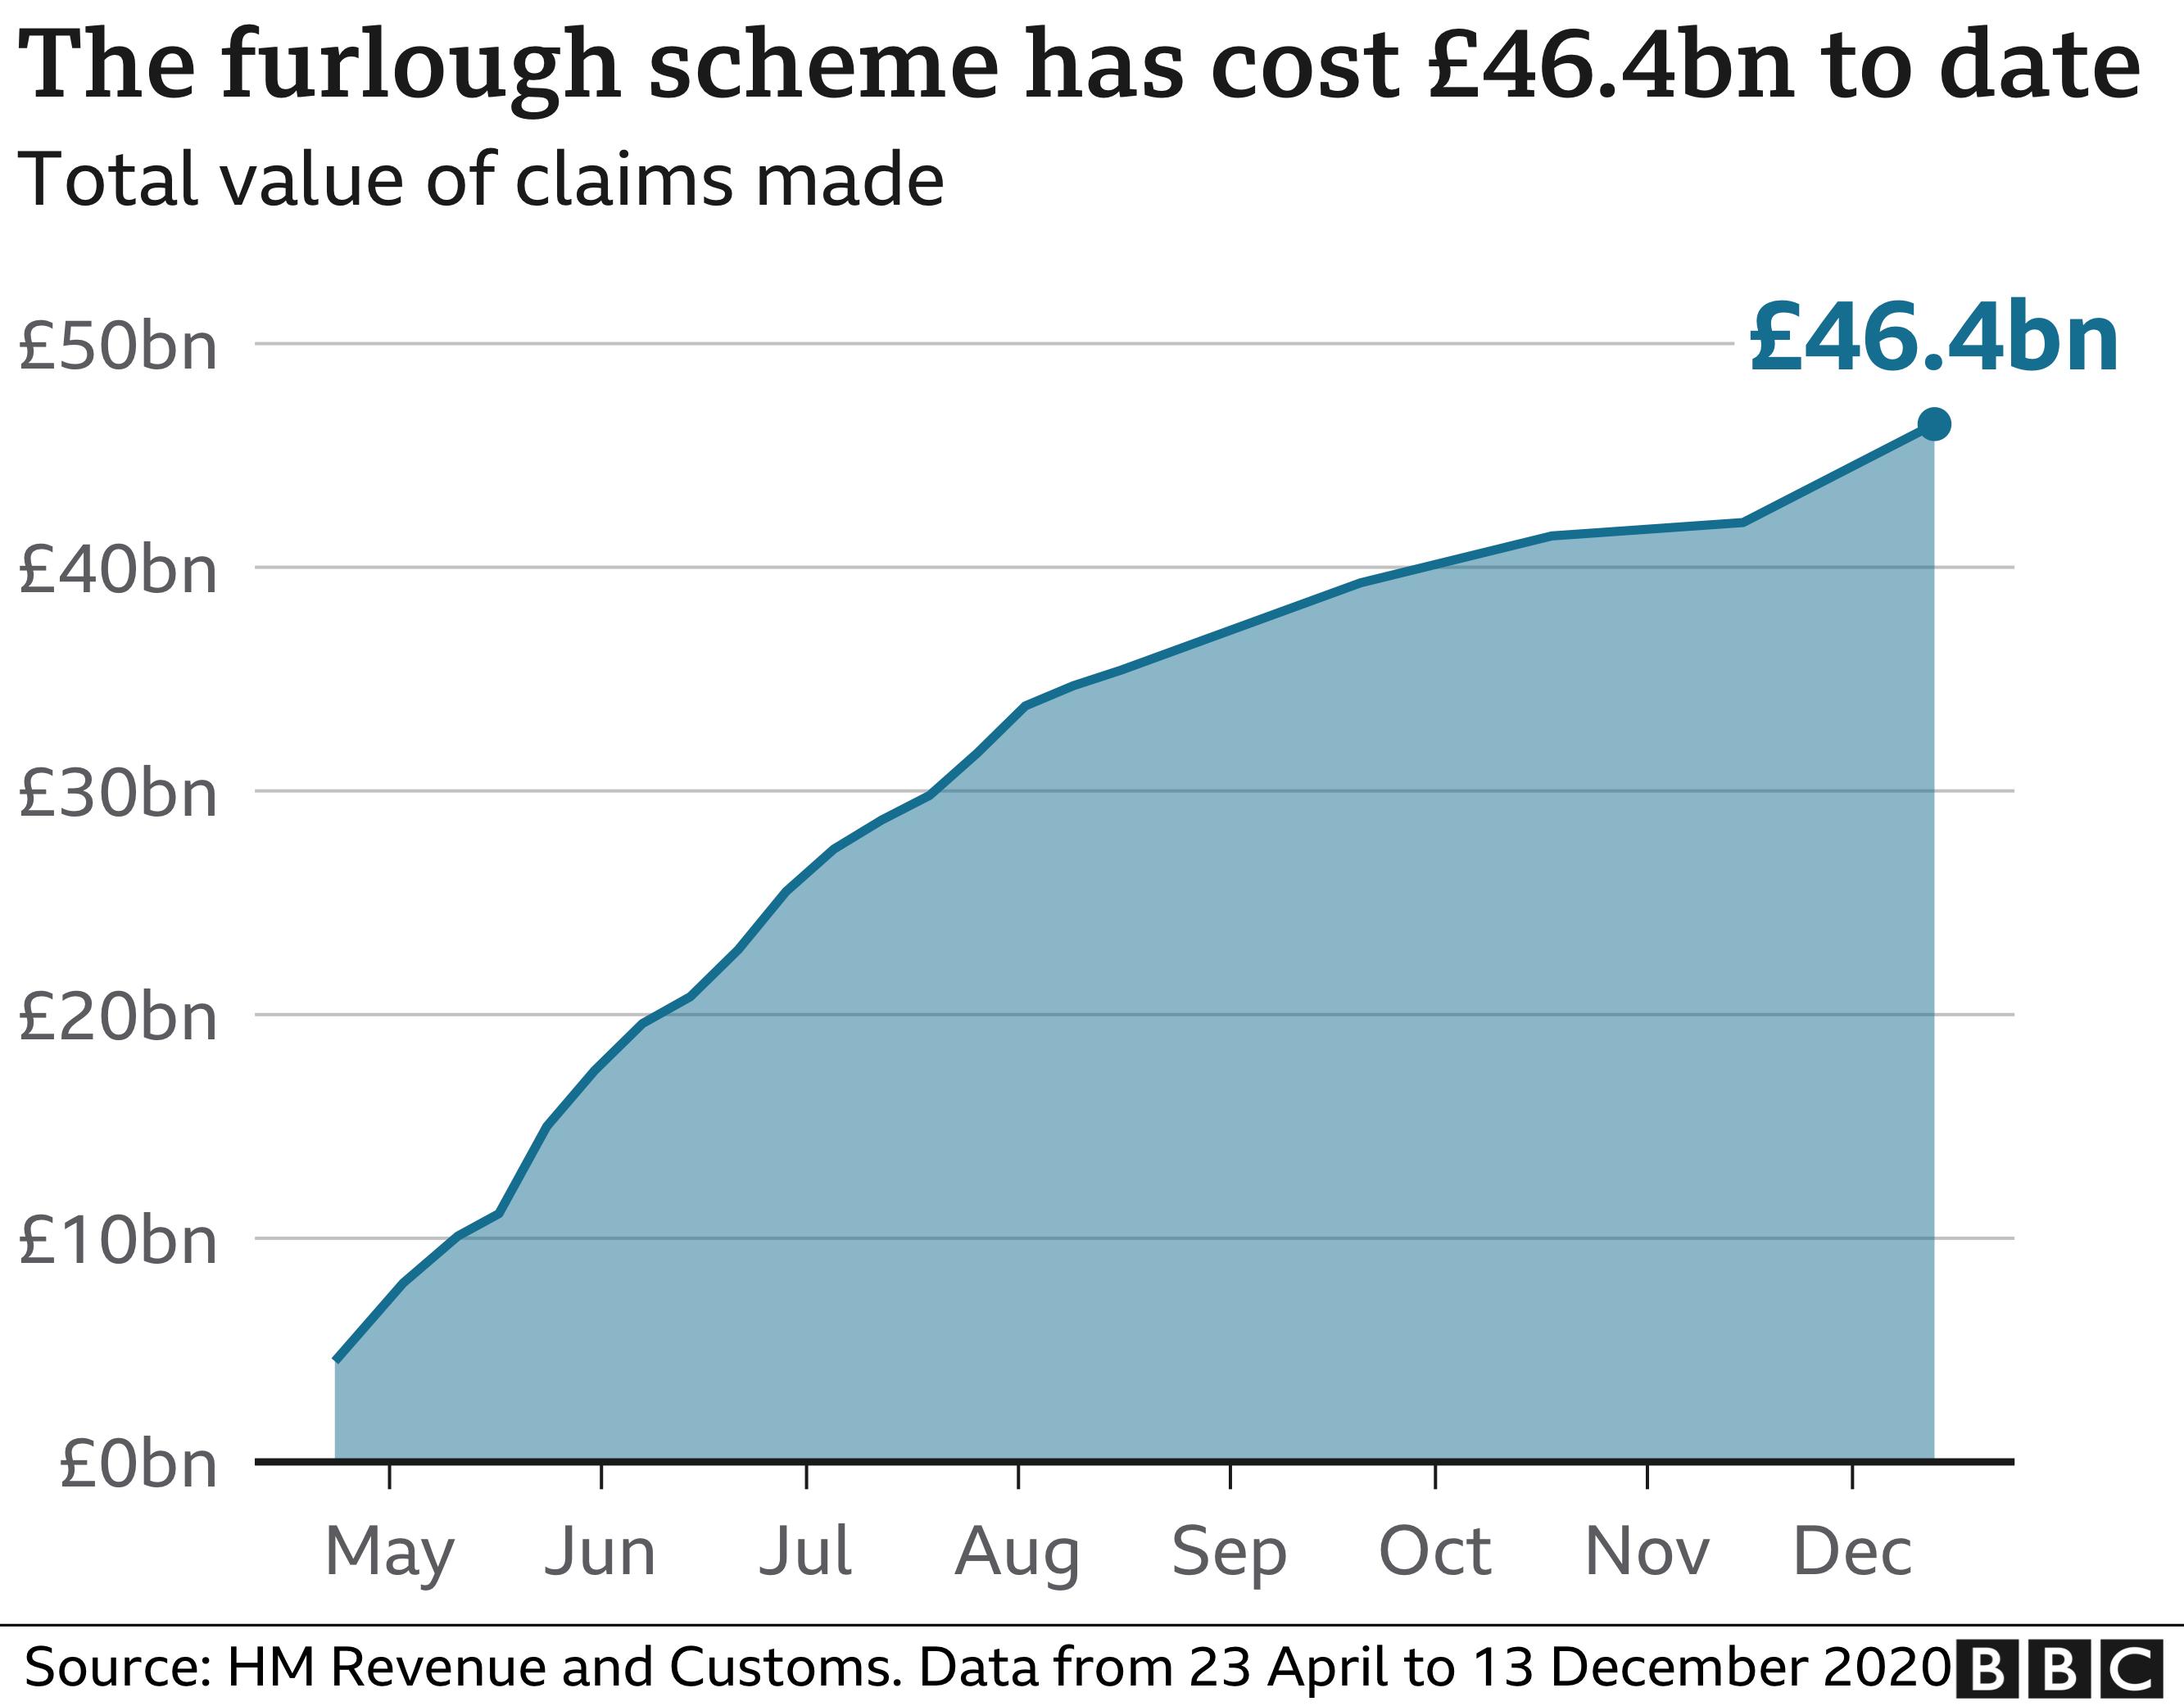 Furlough cost chart